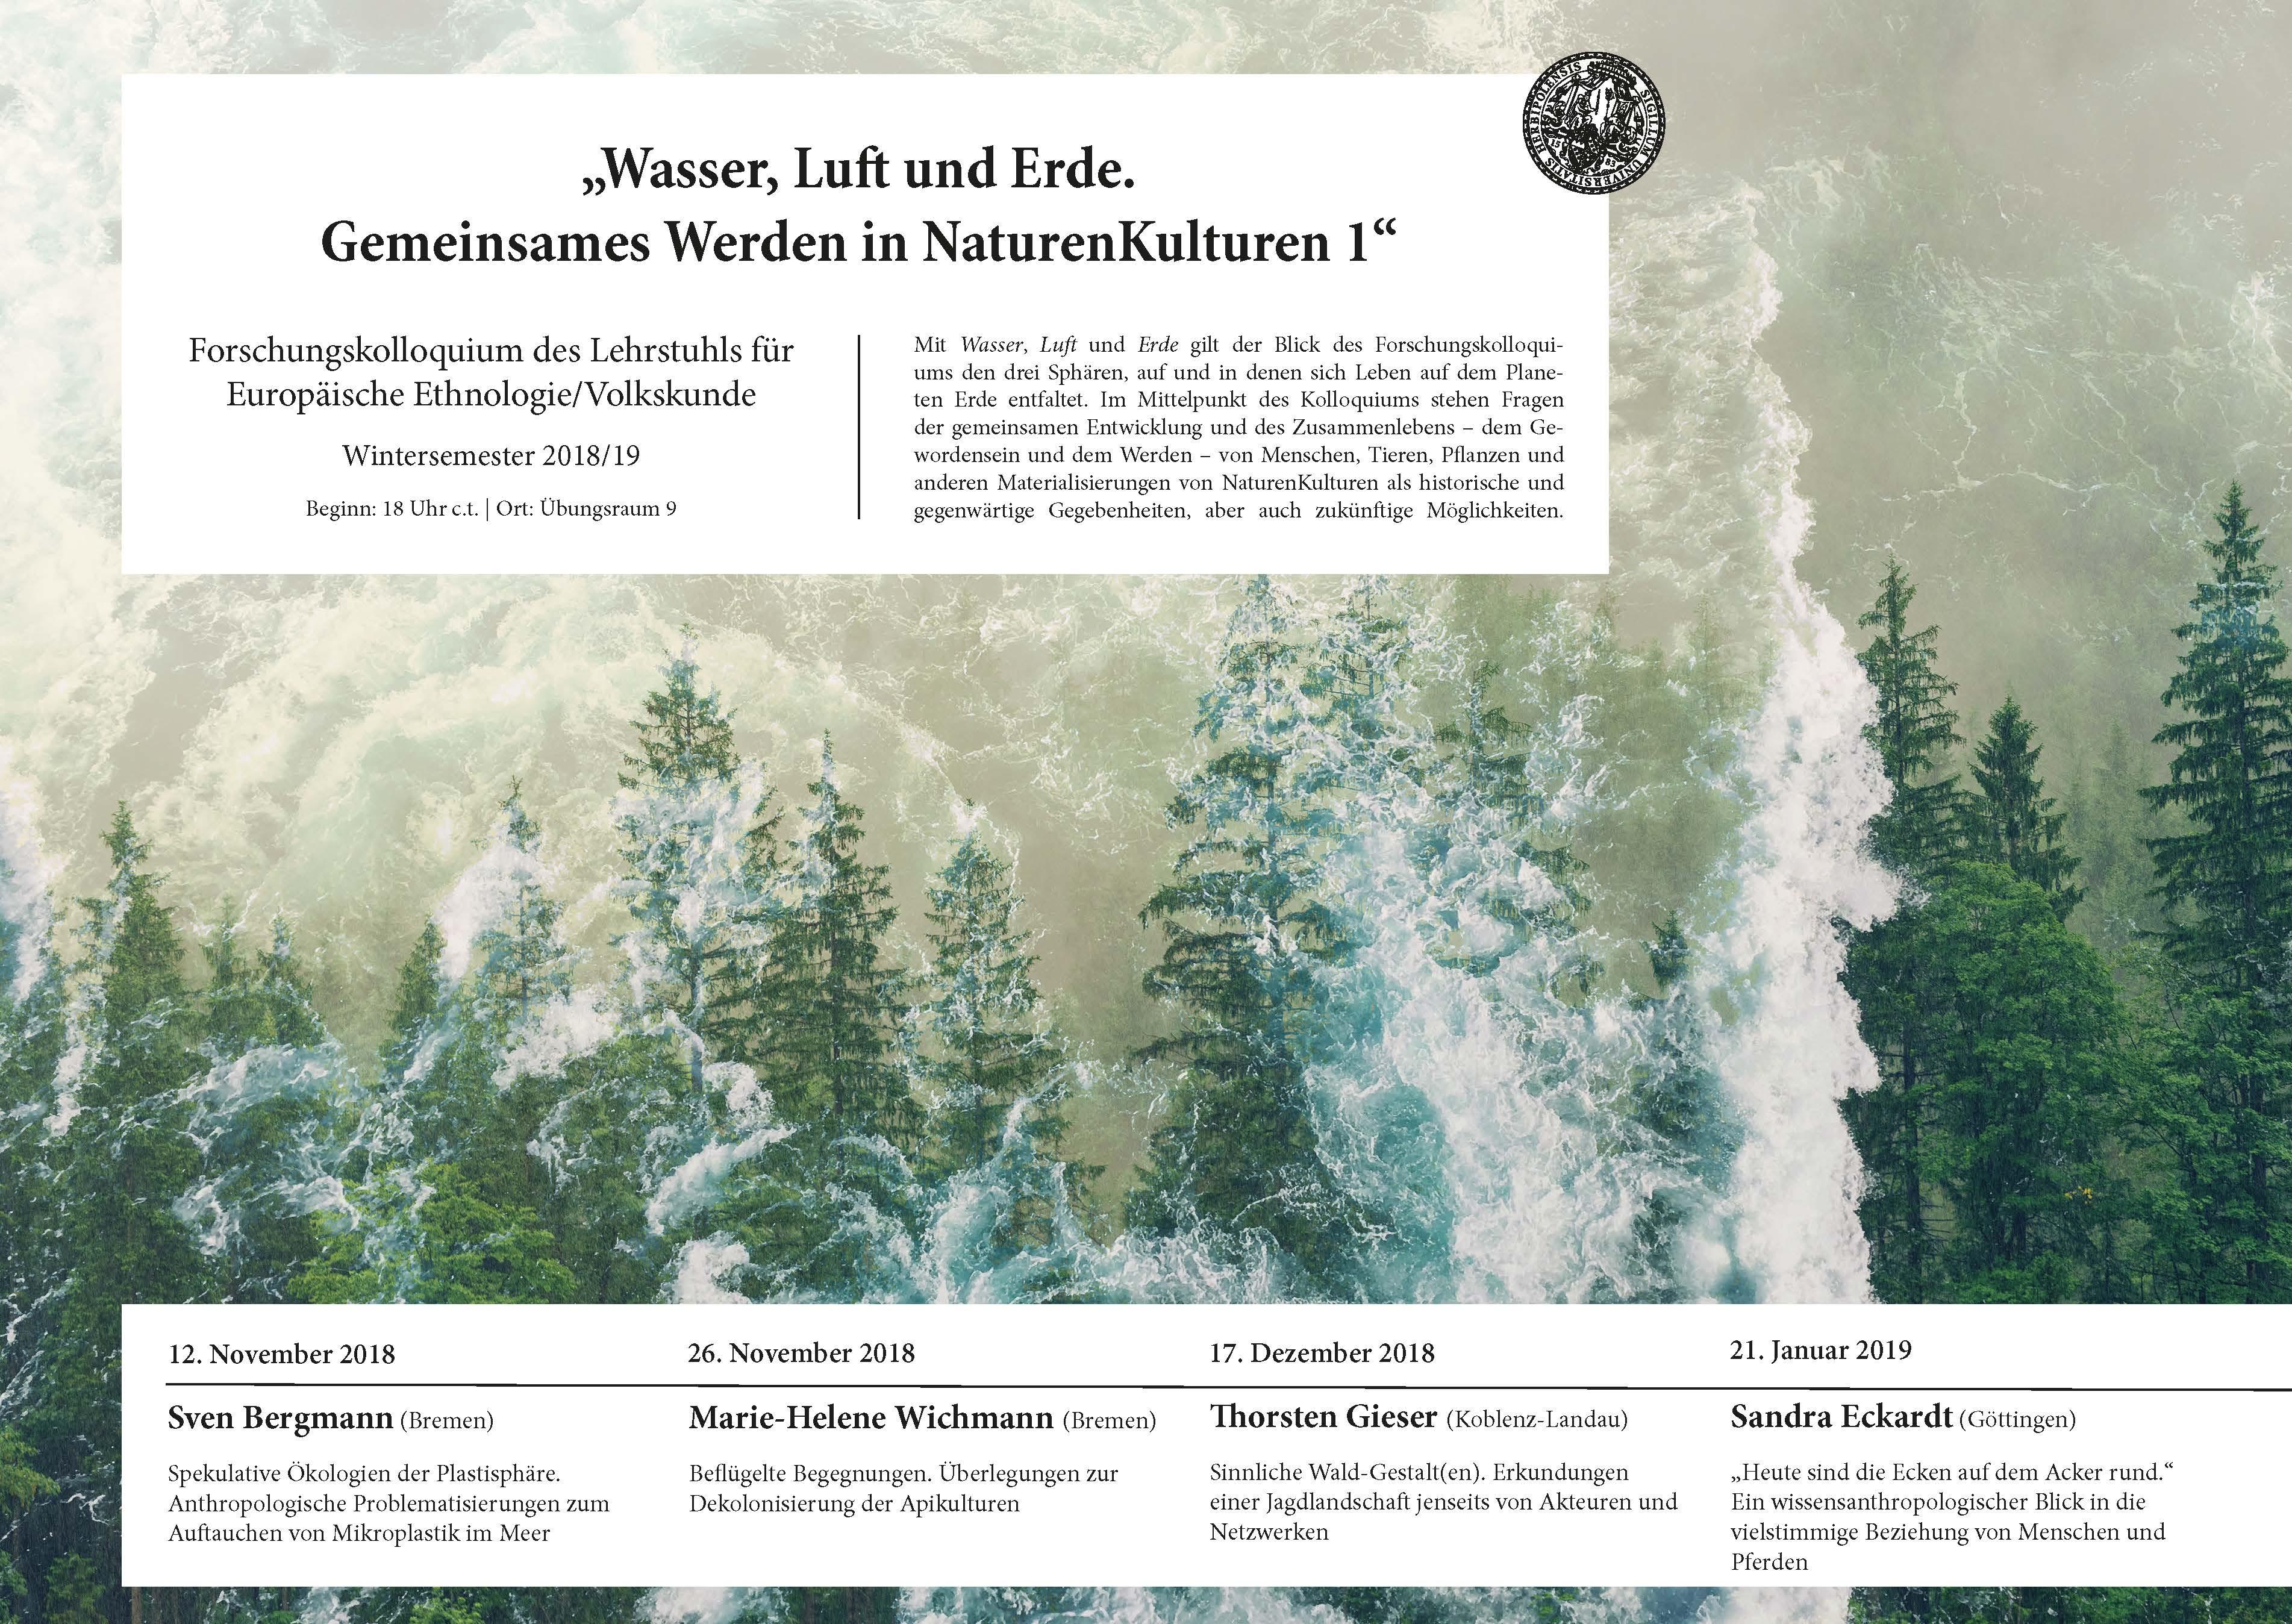 Vortragsankündigung 2018 Würzburg Sinnliche Waldgestalt(en)